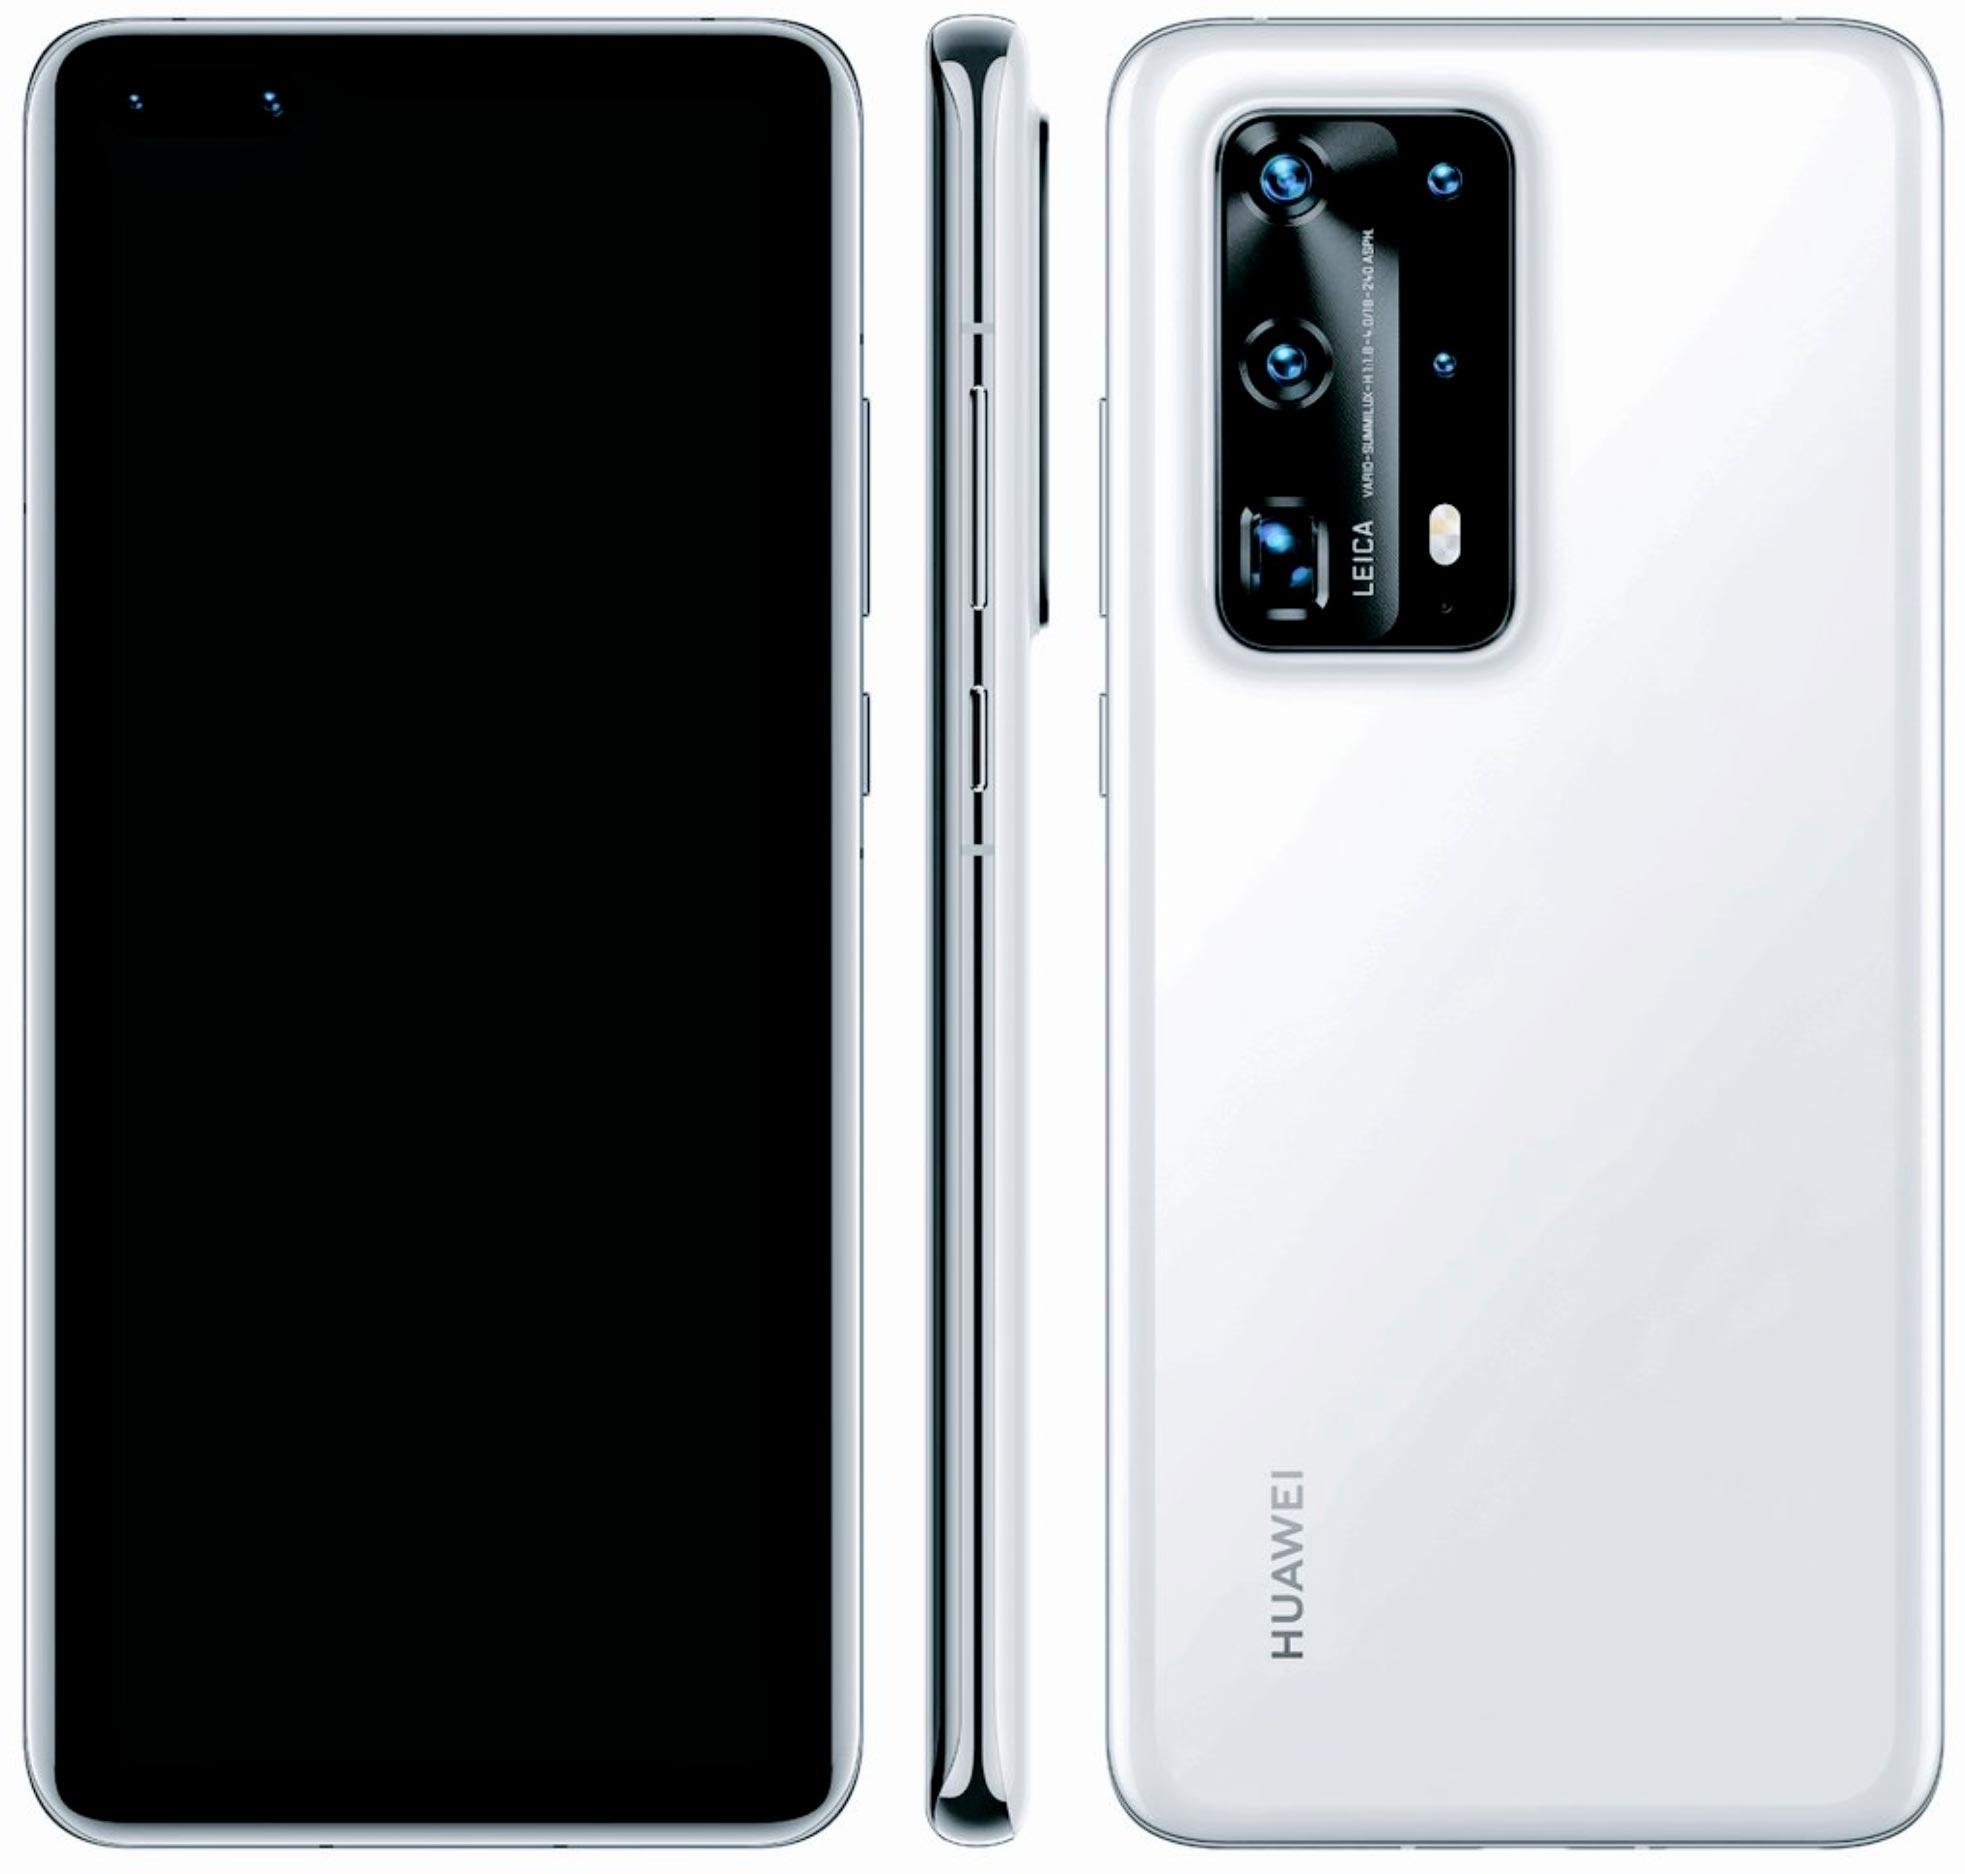 Huawei P40 sarà presentato in streaming il 26 marzo, focus sulle fotocamere